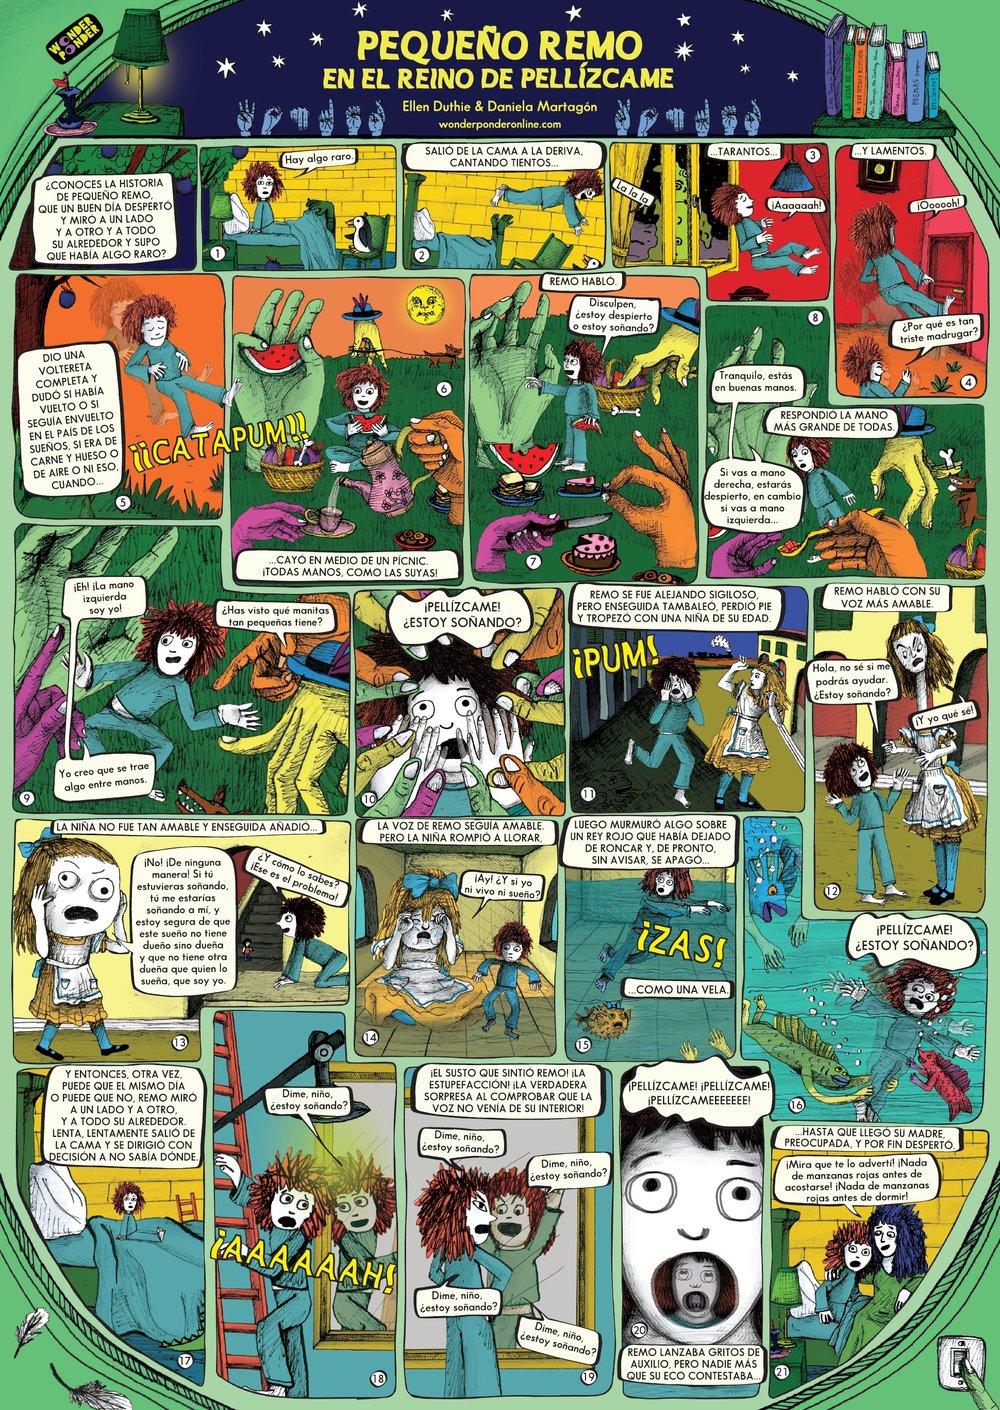 Póster Pequeño Remo en el Reino de Pellízcame, incluido en ¡Pellízcame!, de Ellen Duthie y Daniela Martagón